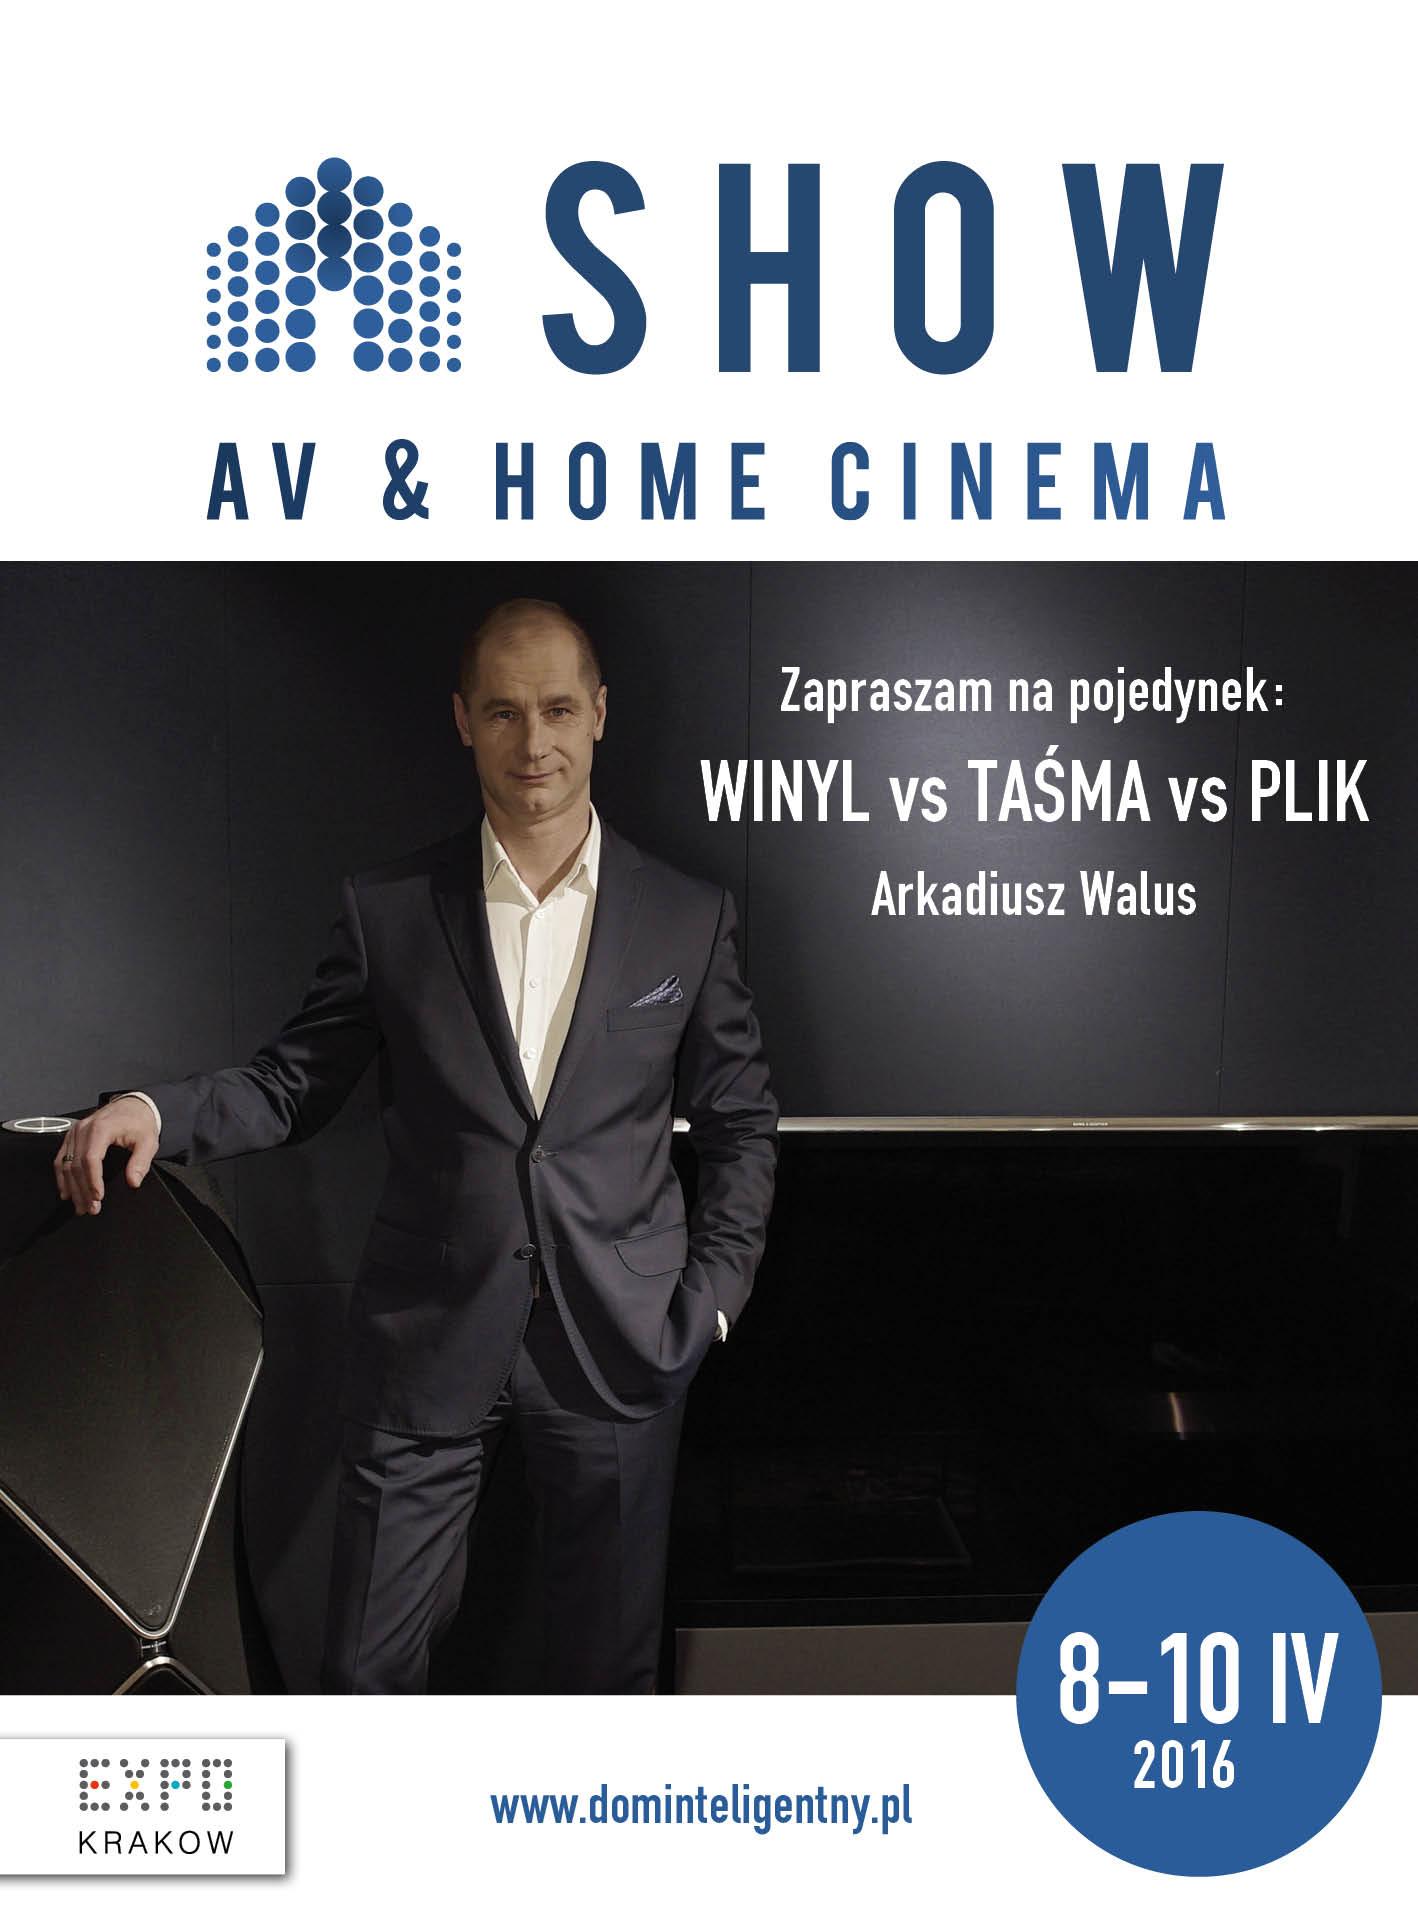 AV&HOME CINEMA SHOW 2016